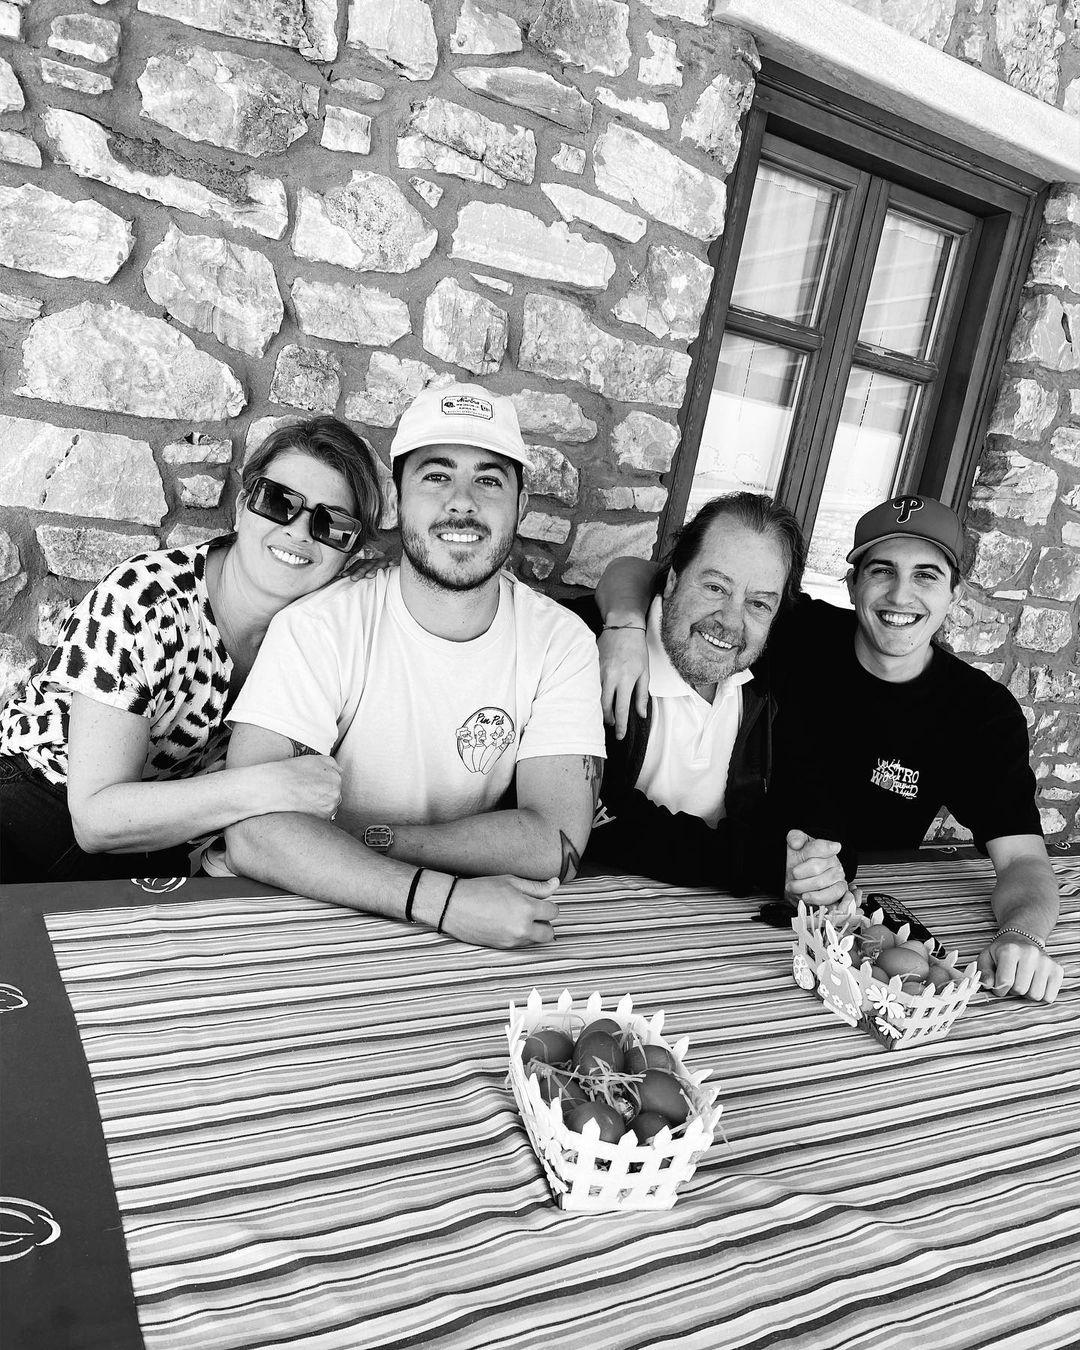 Γιάννης Πάριος: Πάσχα στην Πάρο μαζί με την Αλιμπέρτη και τους γιους τους! (εικόνες)